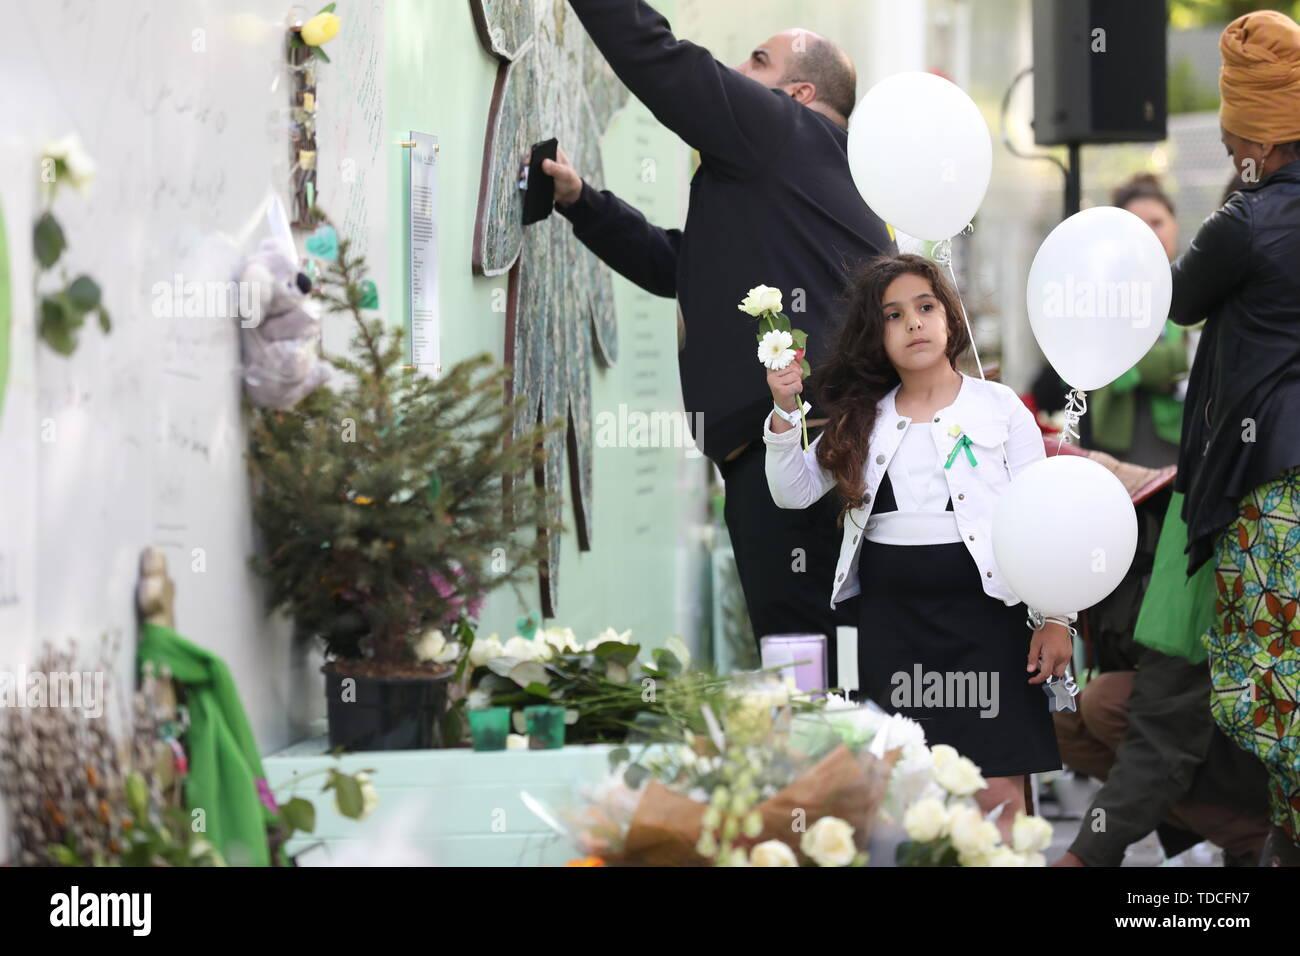 Familie und Freunde der 72 Menschen, die ihr Leben in der Grenfell Hochhaus verloren legen Blumen und Nachrichten, die während einer Kranzniederlegung Zeremonie ausserhalb Grenfell Tower, London, anlässlich des 2-jährigen Jubiläum schreiben. Stockbild